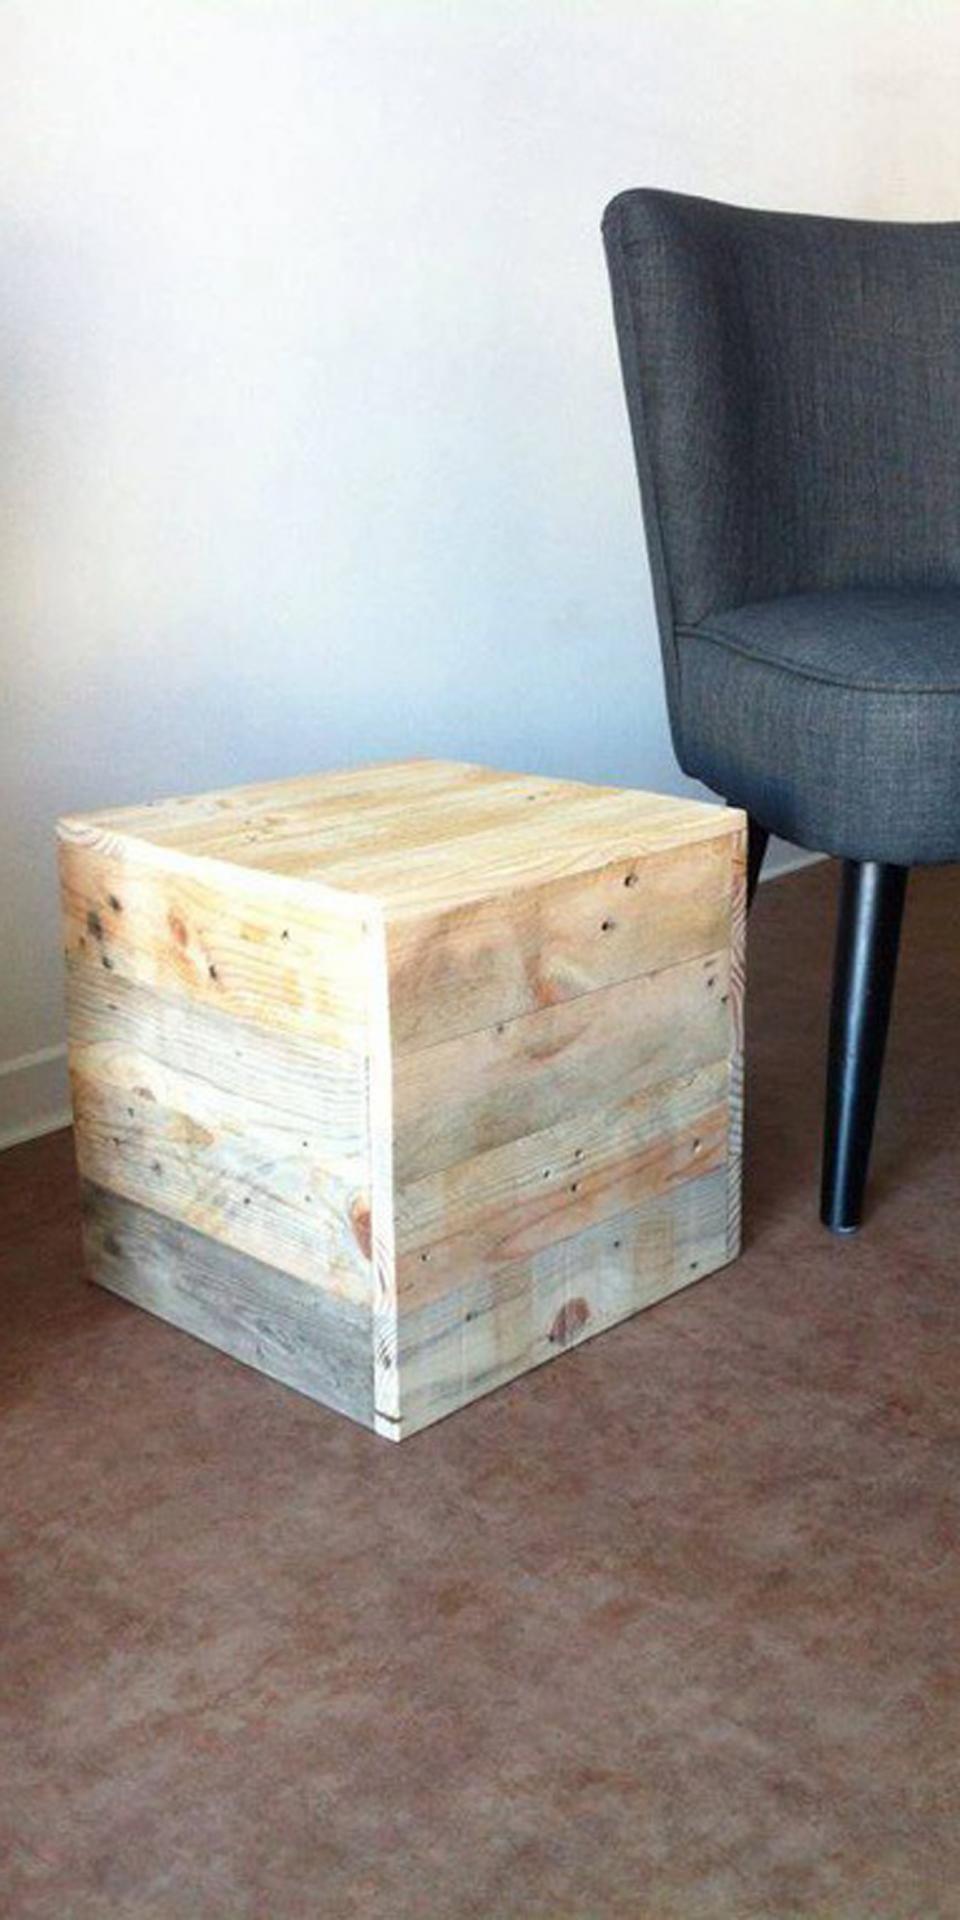 Meubles et rangements cube en bois de palettes 19321041 15171217 102111 jpg 1e2eb 570x0